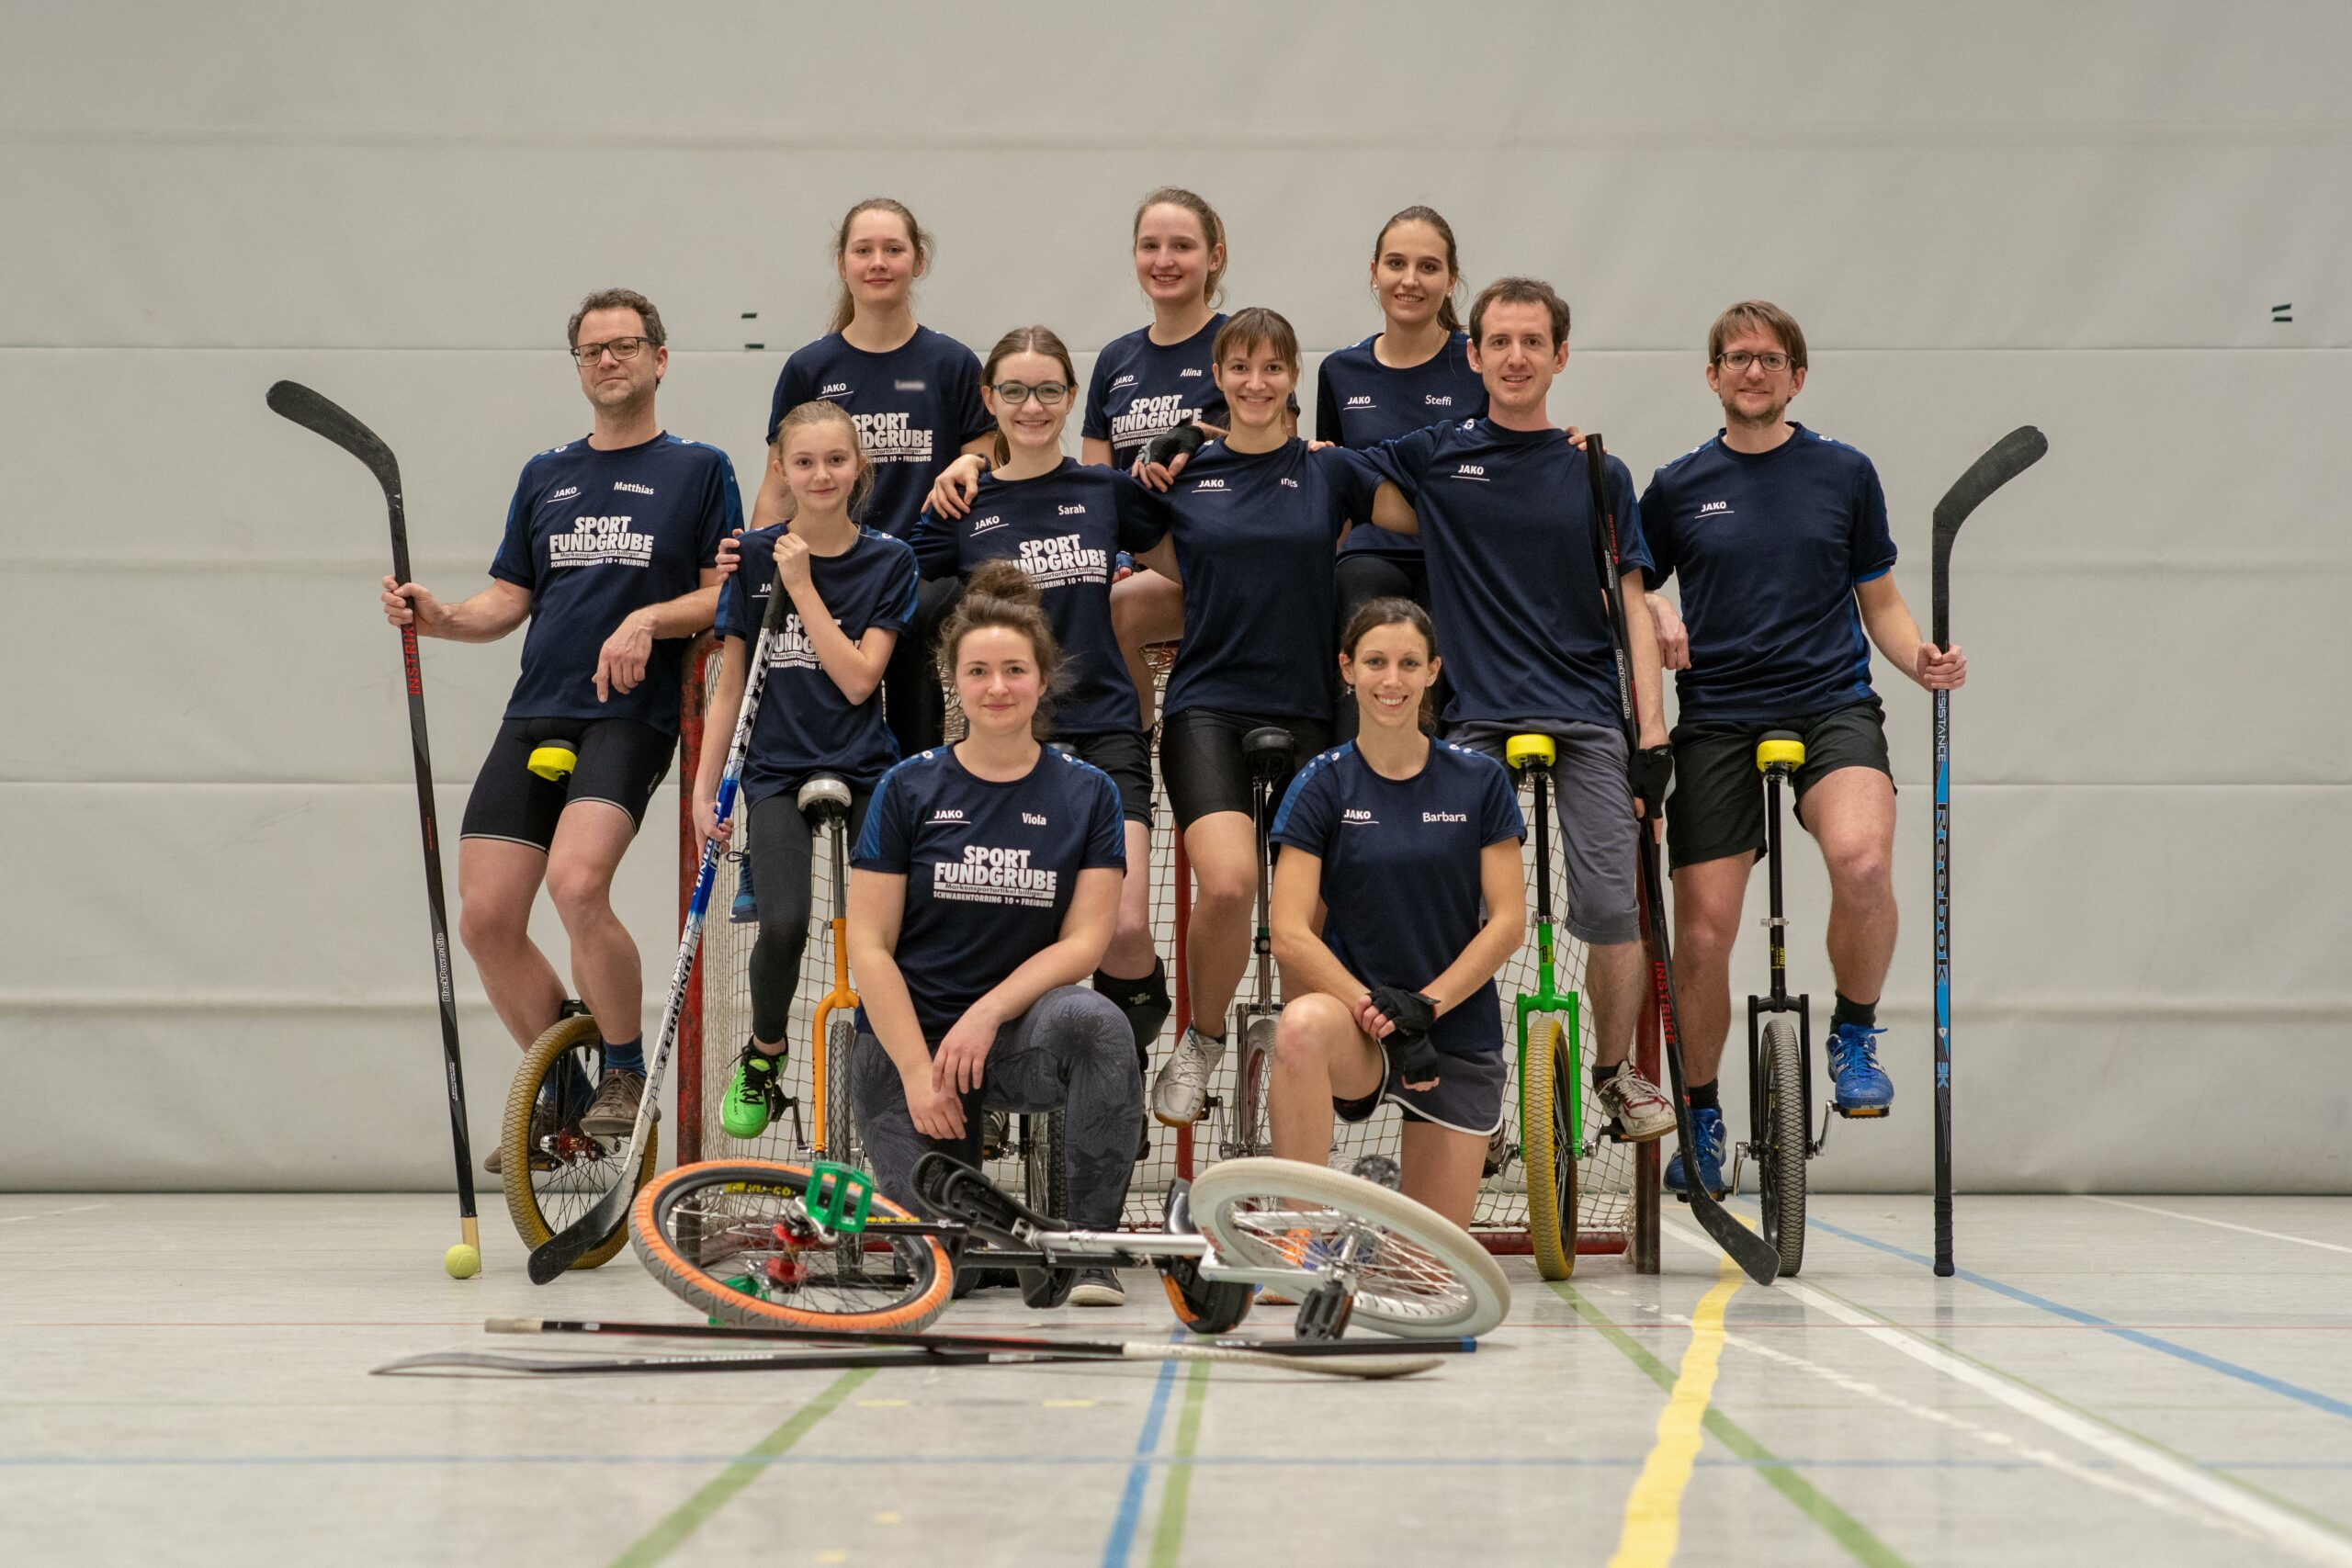 Einradhockey Teamfoto